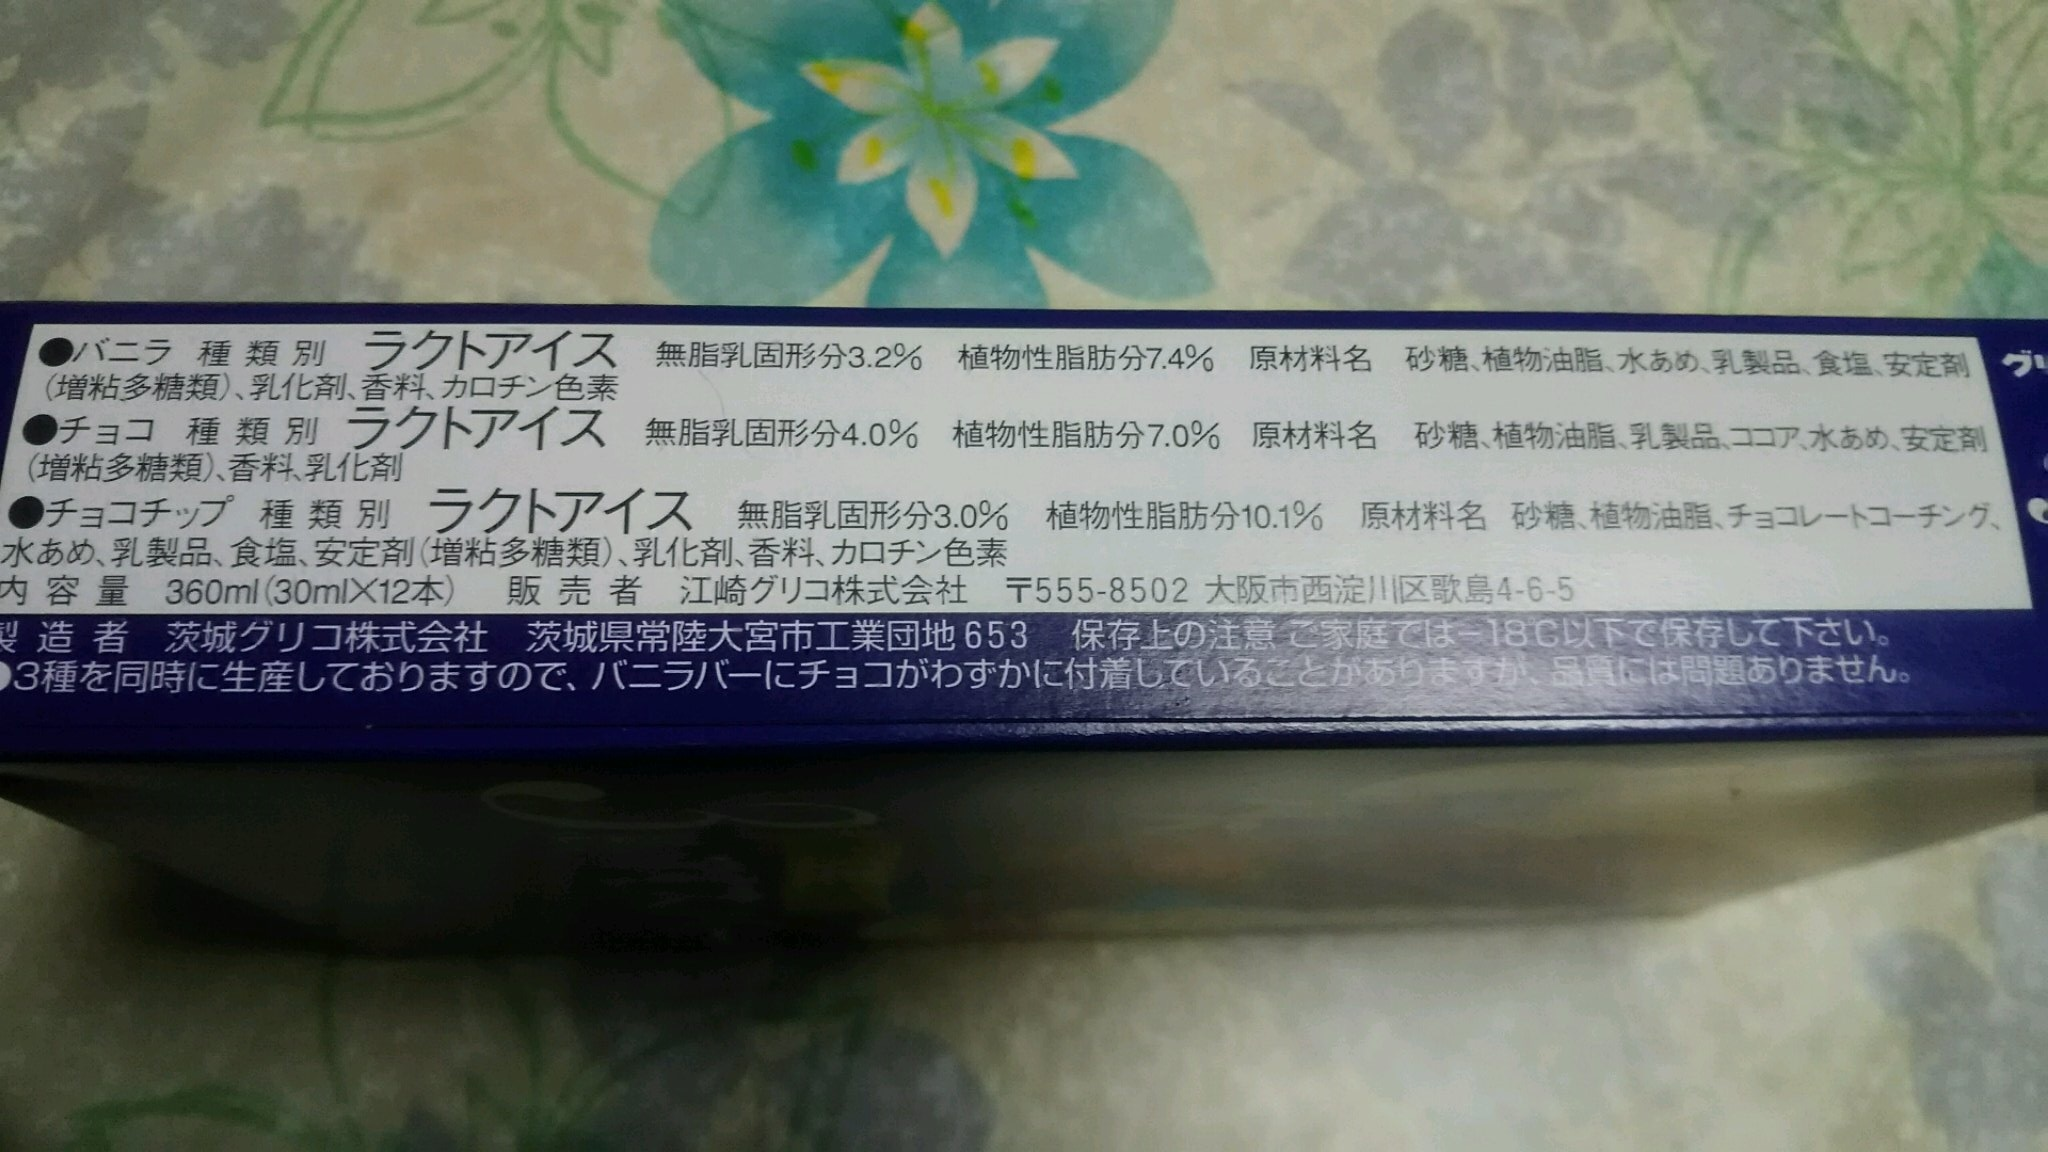 3shuno_icebar3.jpg